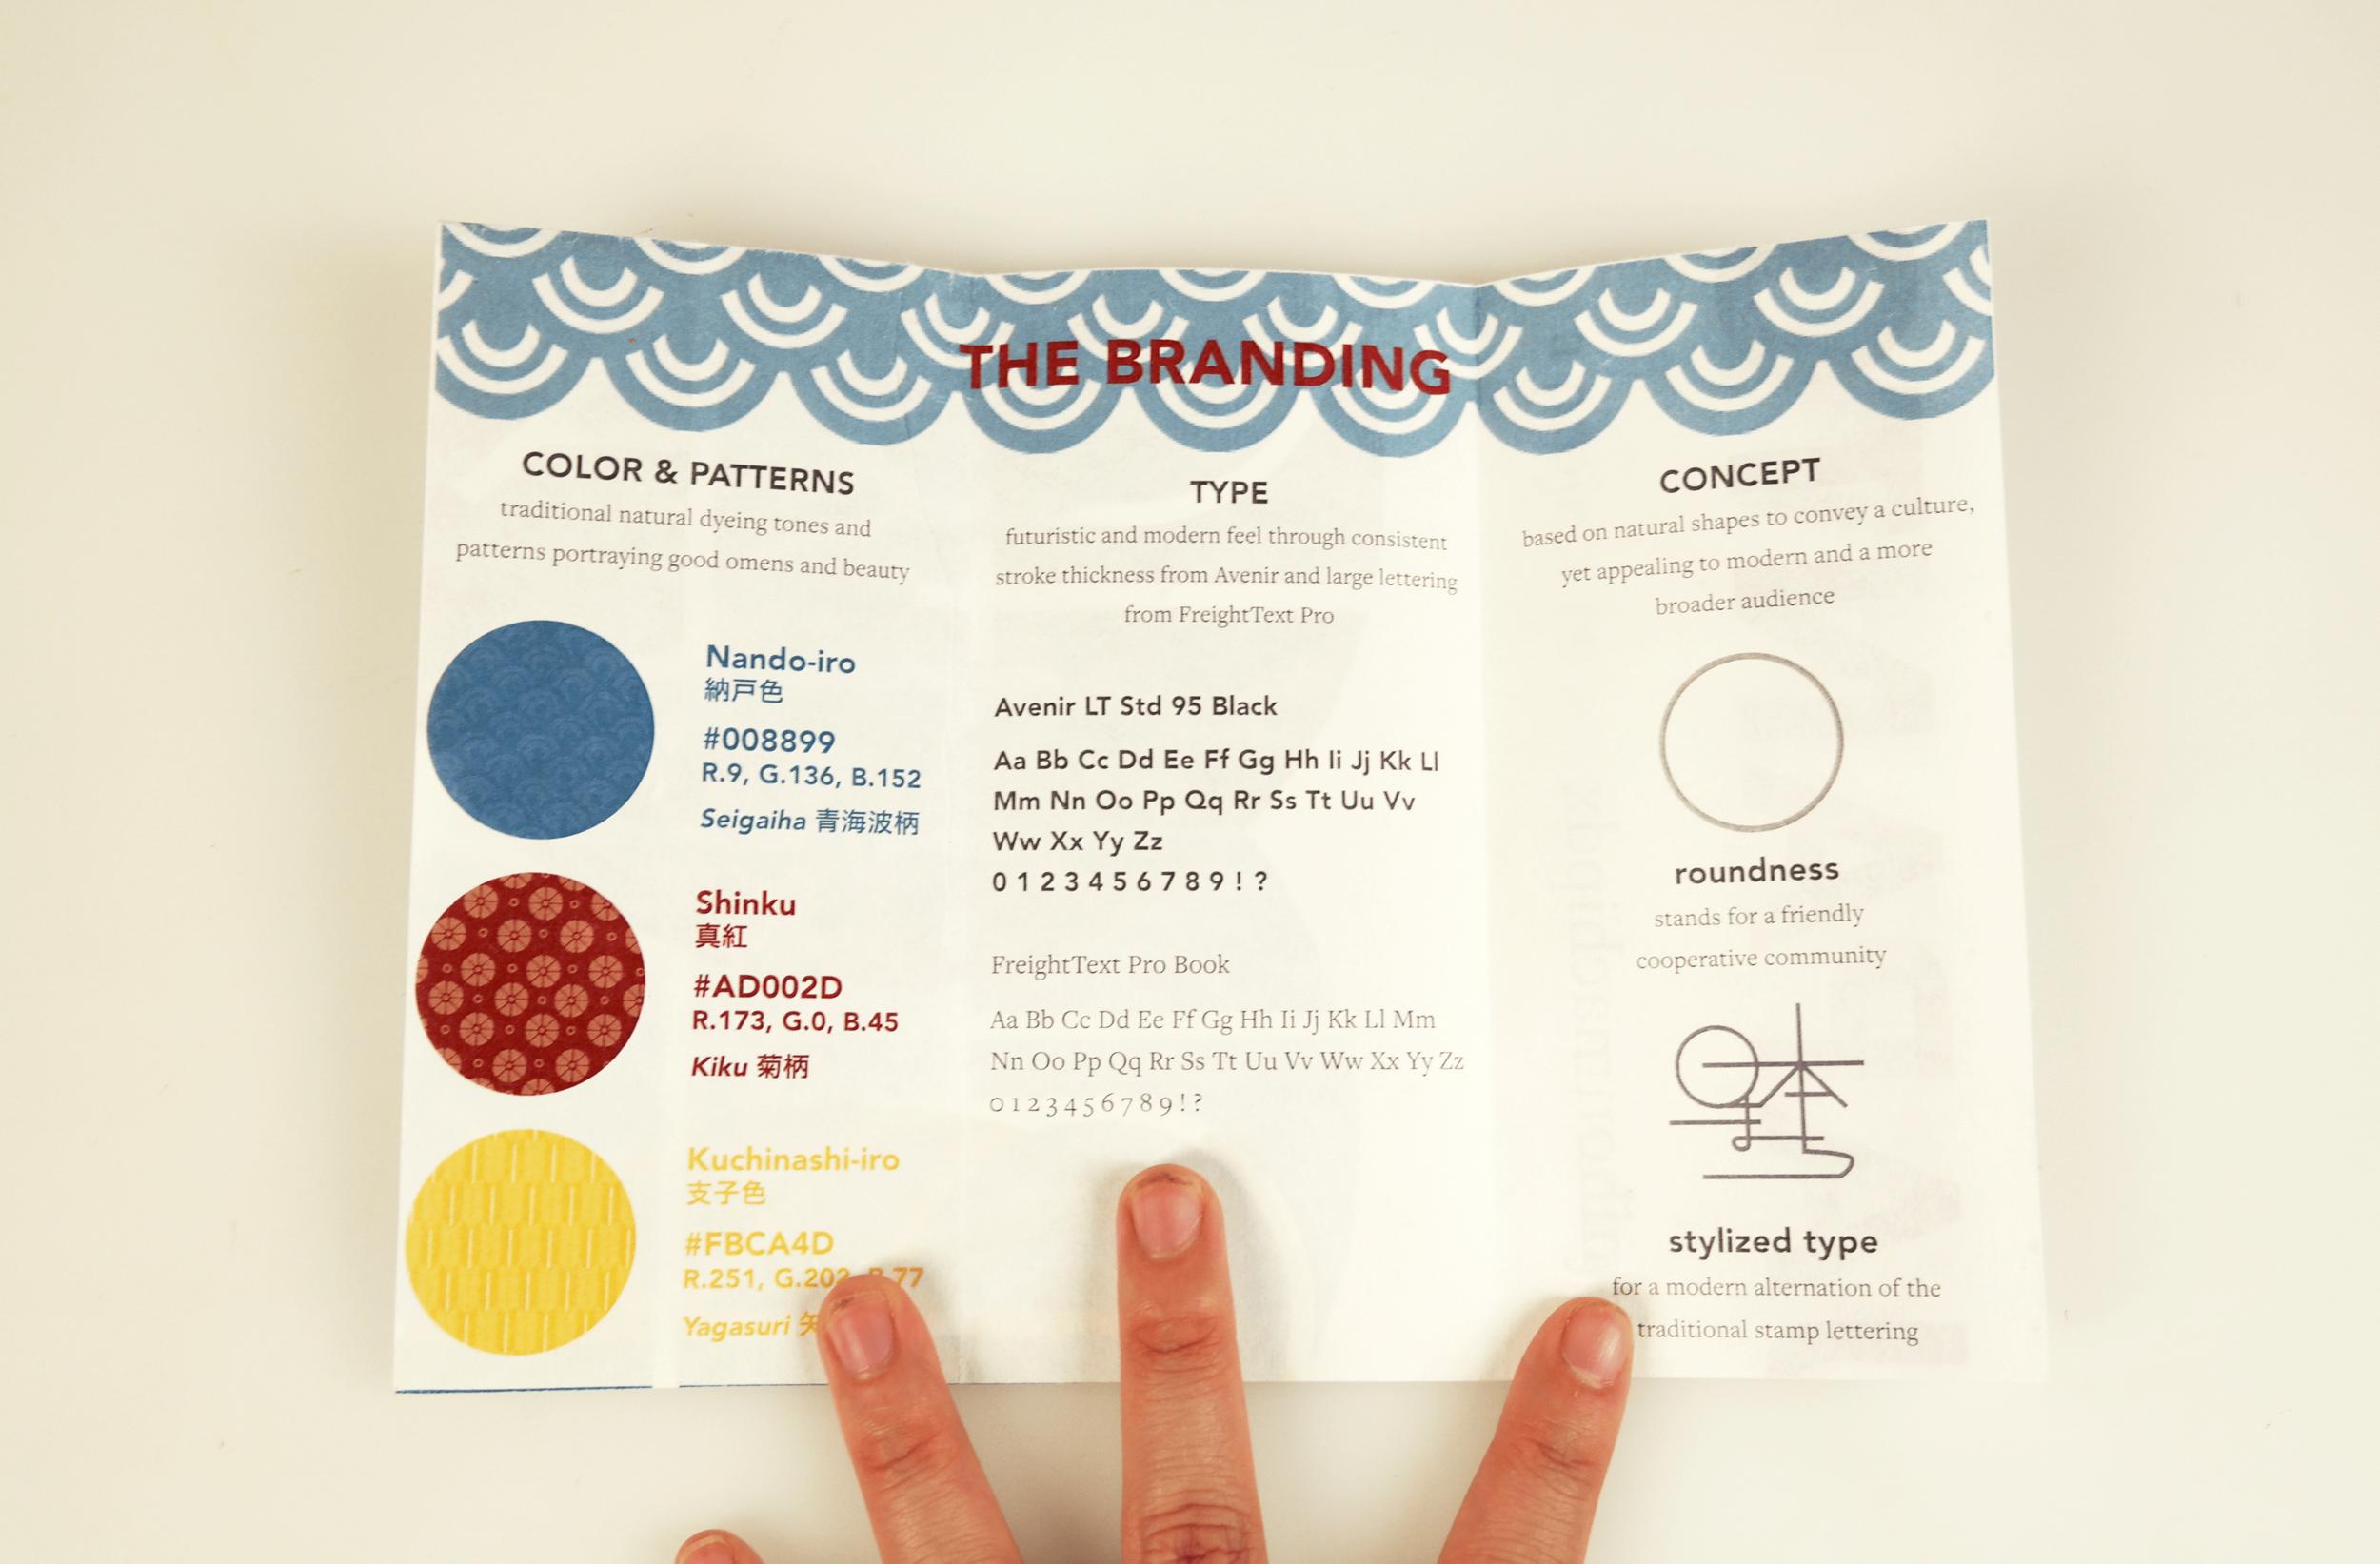 Pamphlet (inside information)